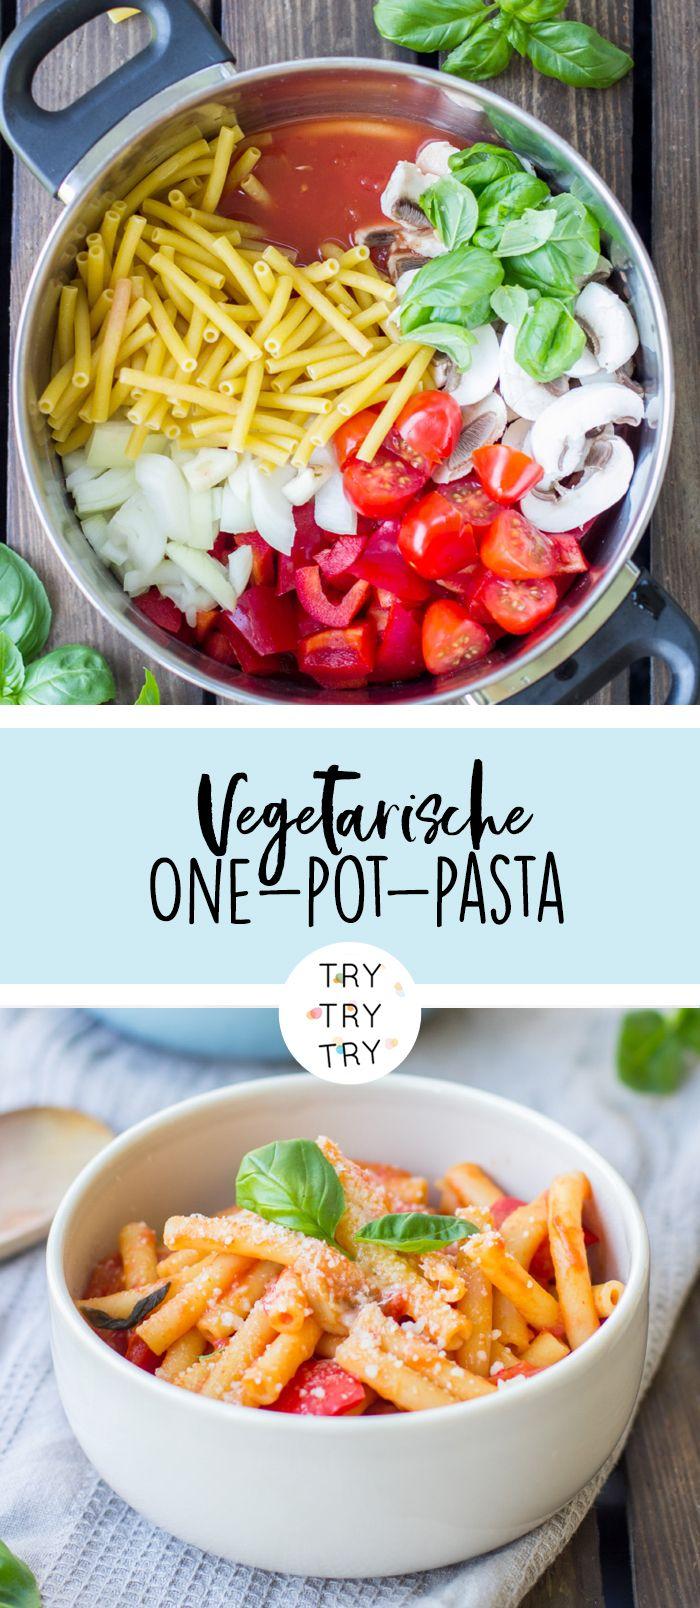 Vegetarische One-Pot-Pasta #vegetarischerezepteschnell